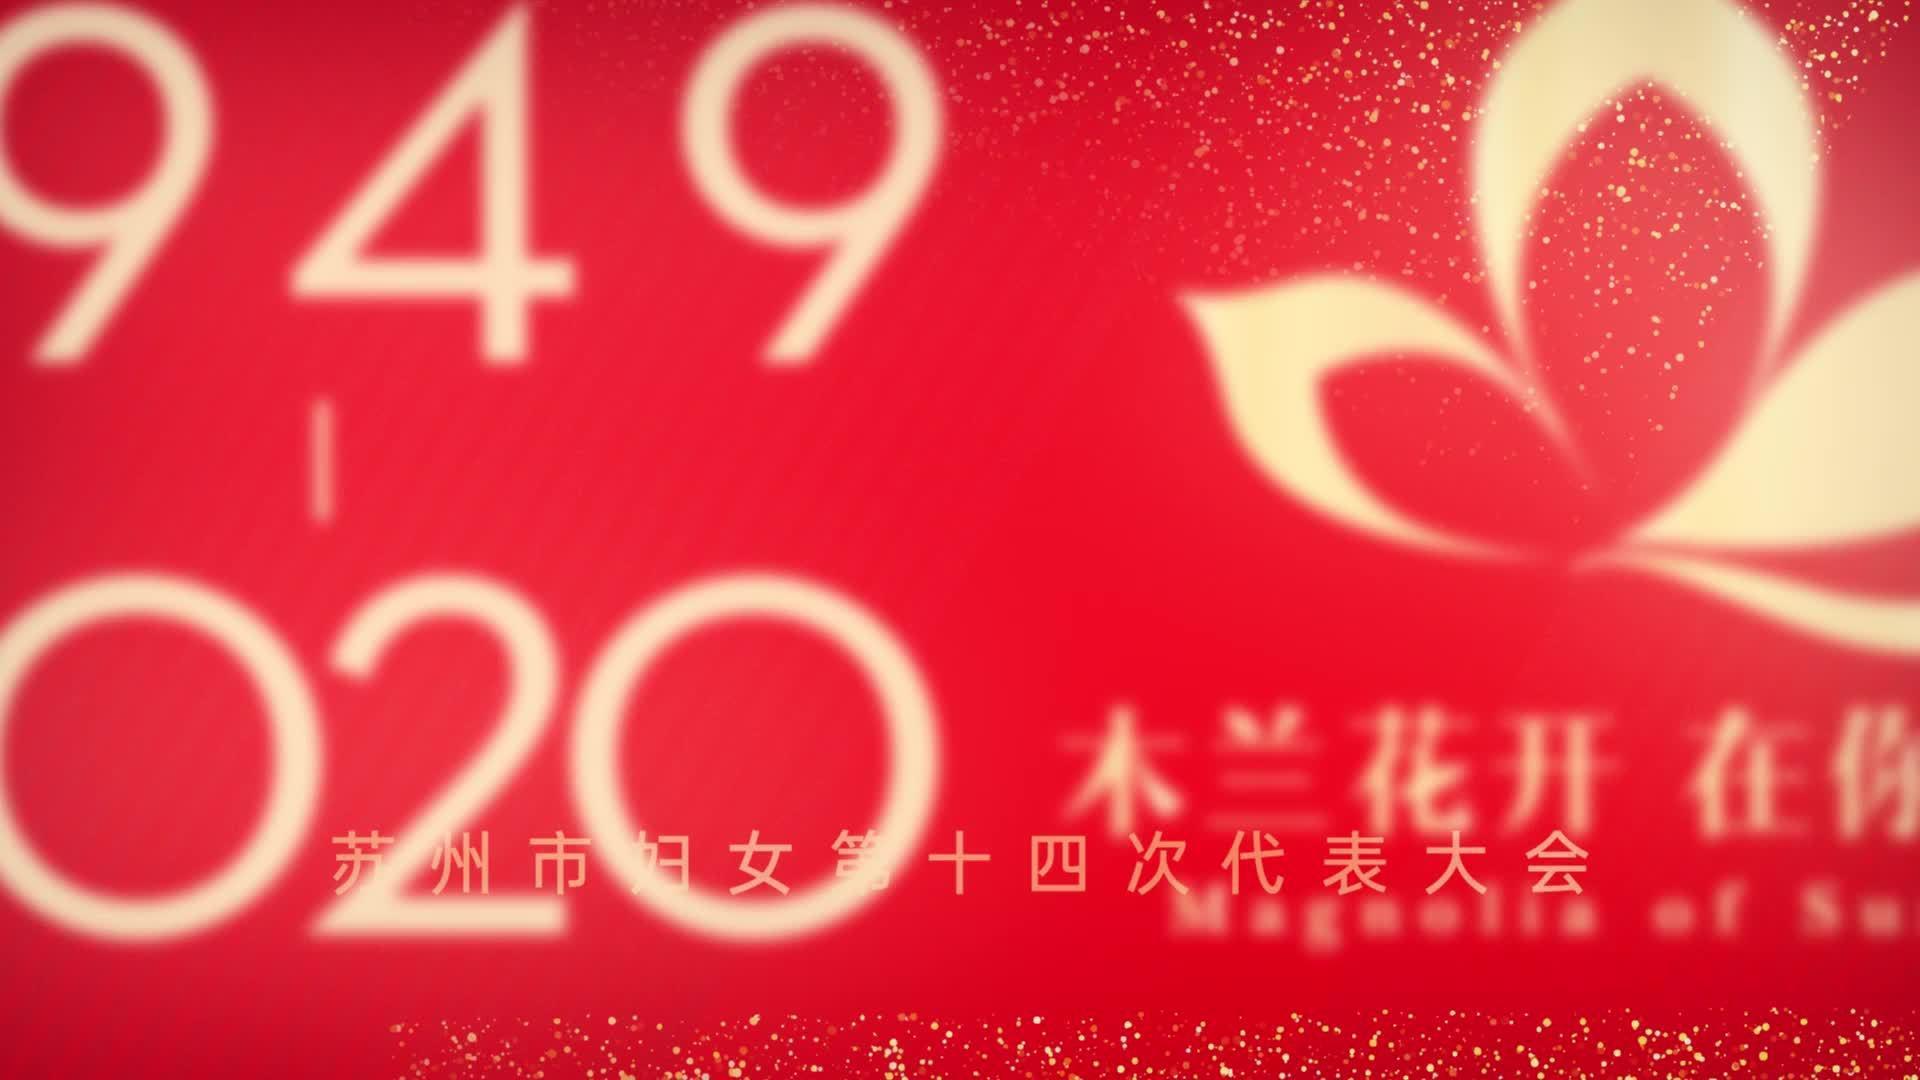 """1949-2020年风雨兼程 苏州发展的辉煌成就 凝聚着""""半边天""""的奋"""